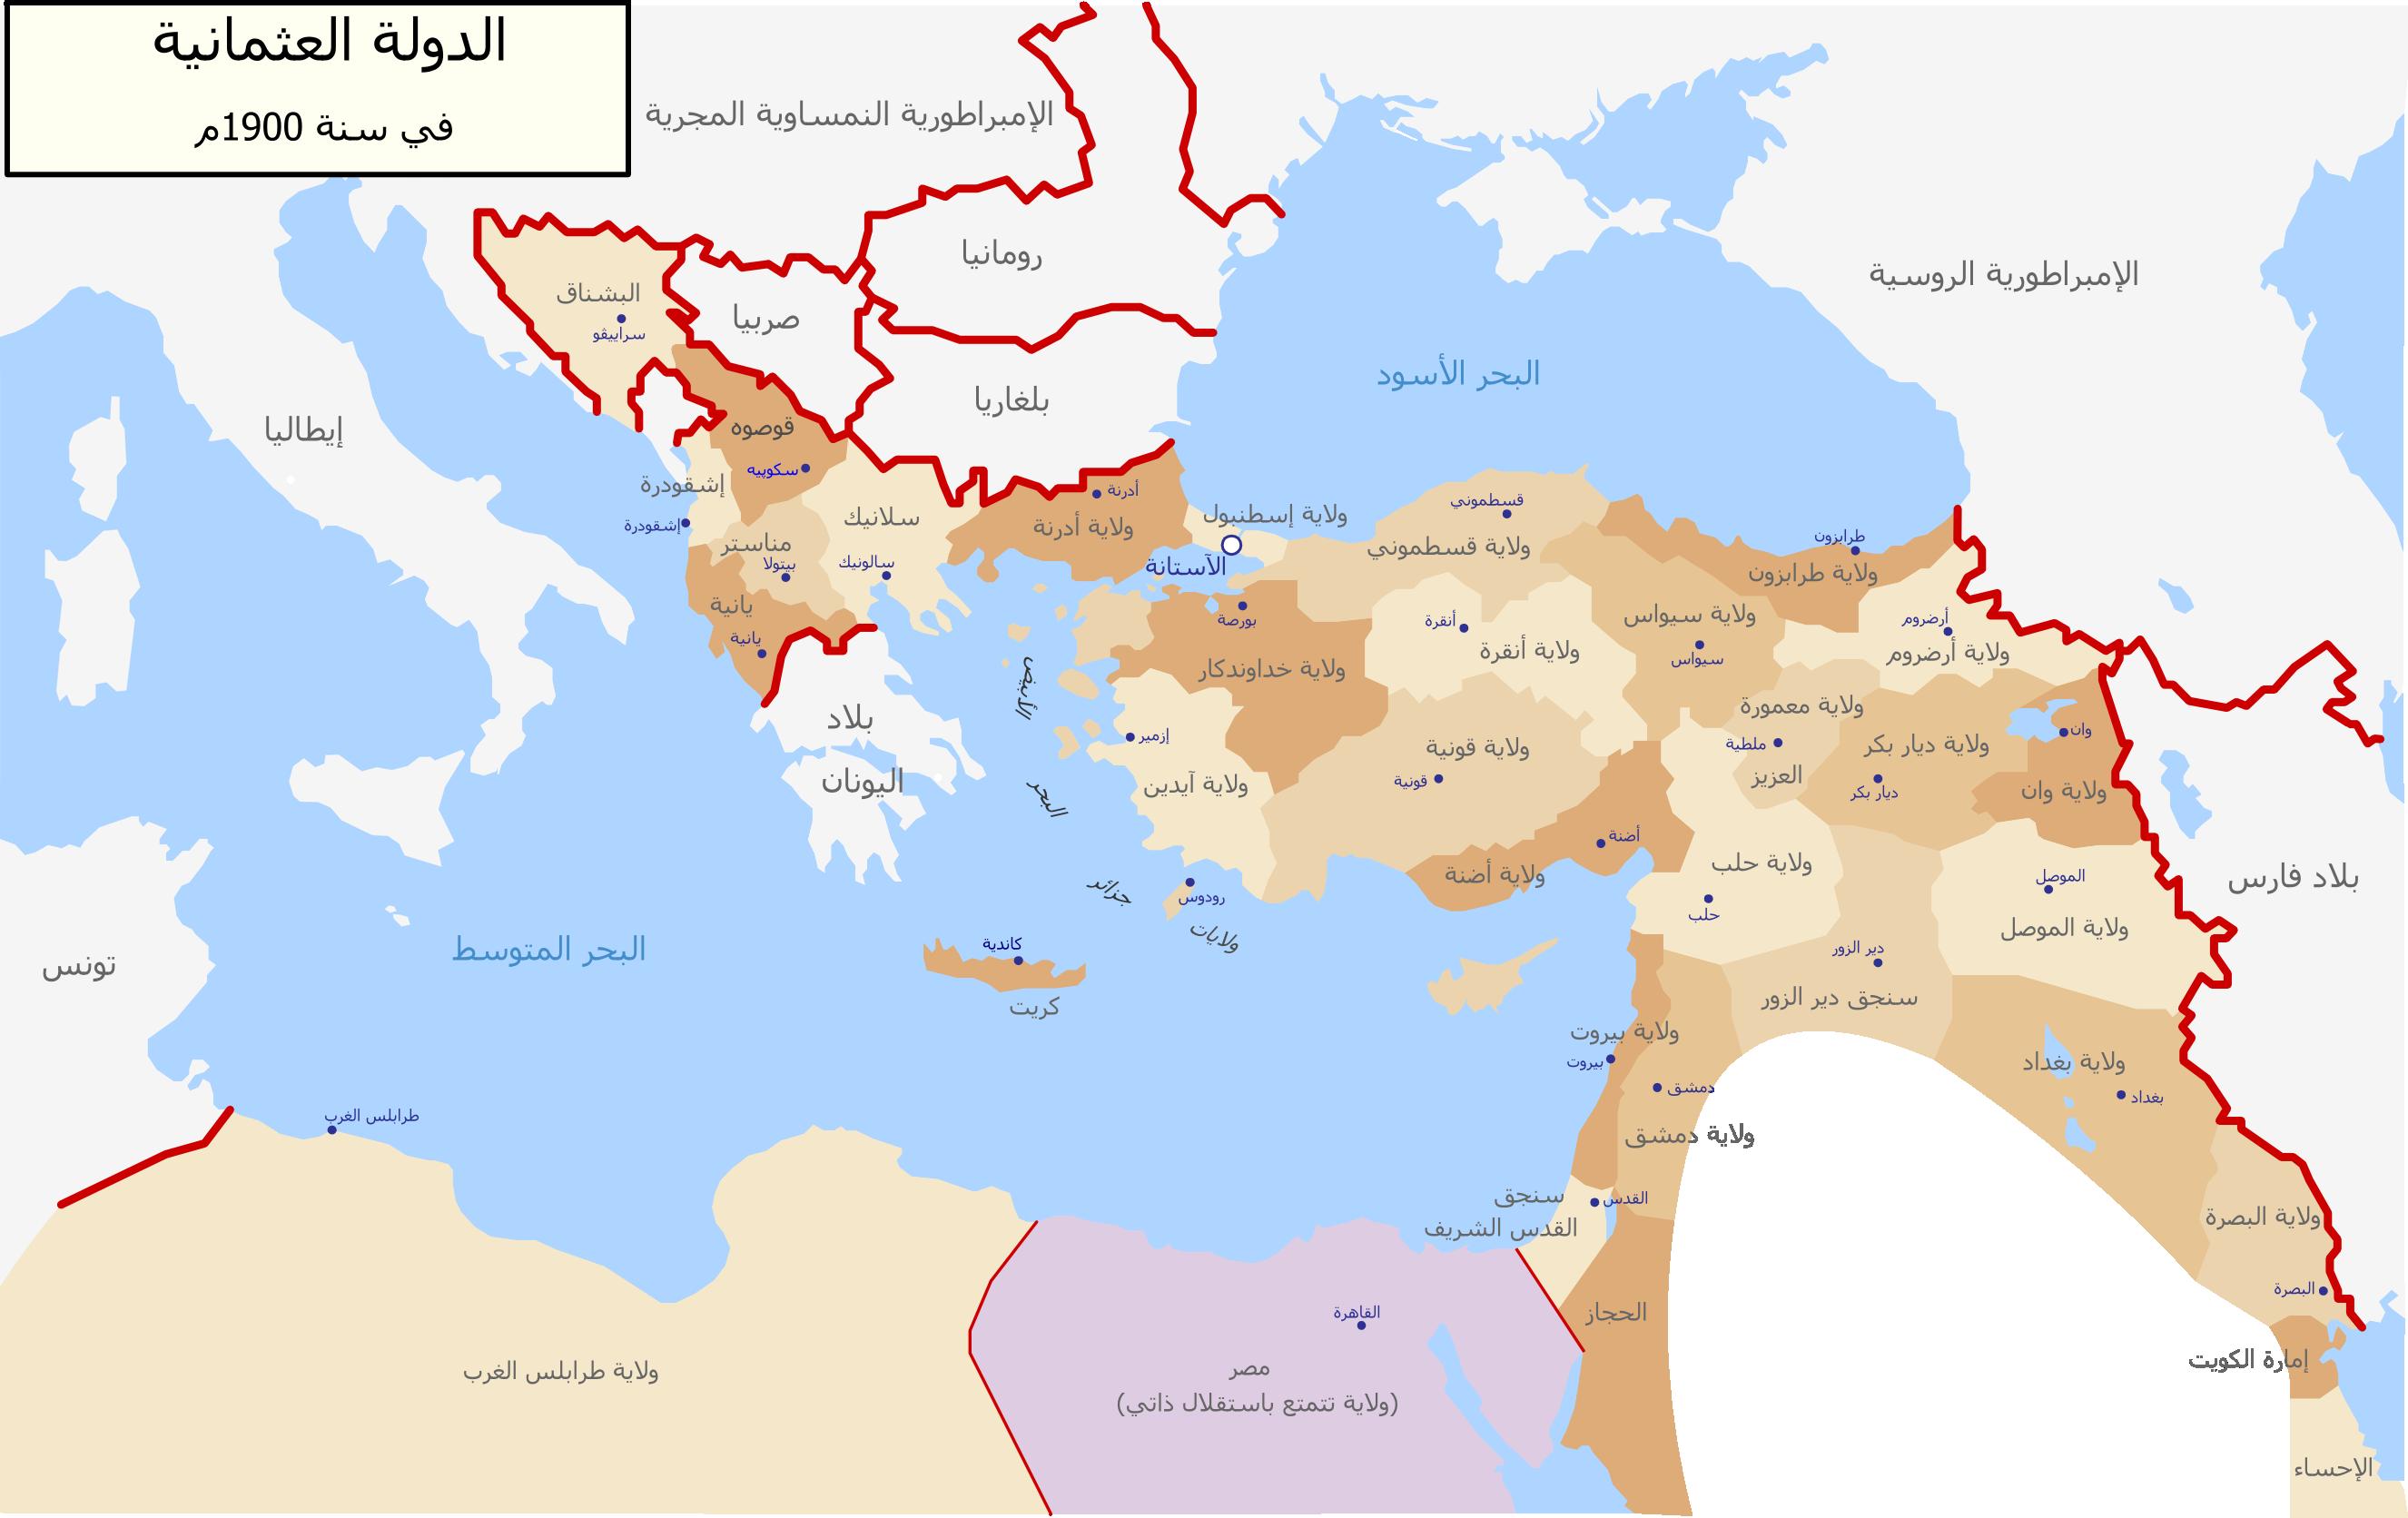 الدولة العثمانية Photo: قائمة ولايات الدولة العثمانية